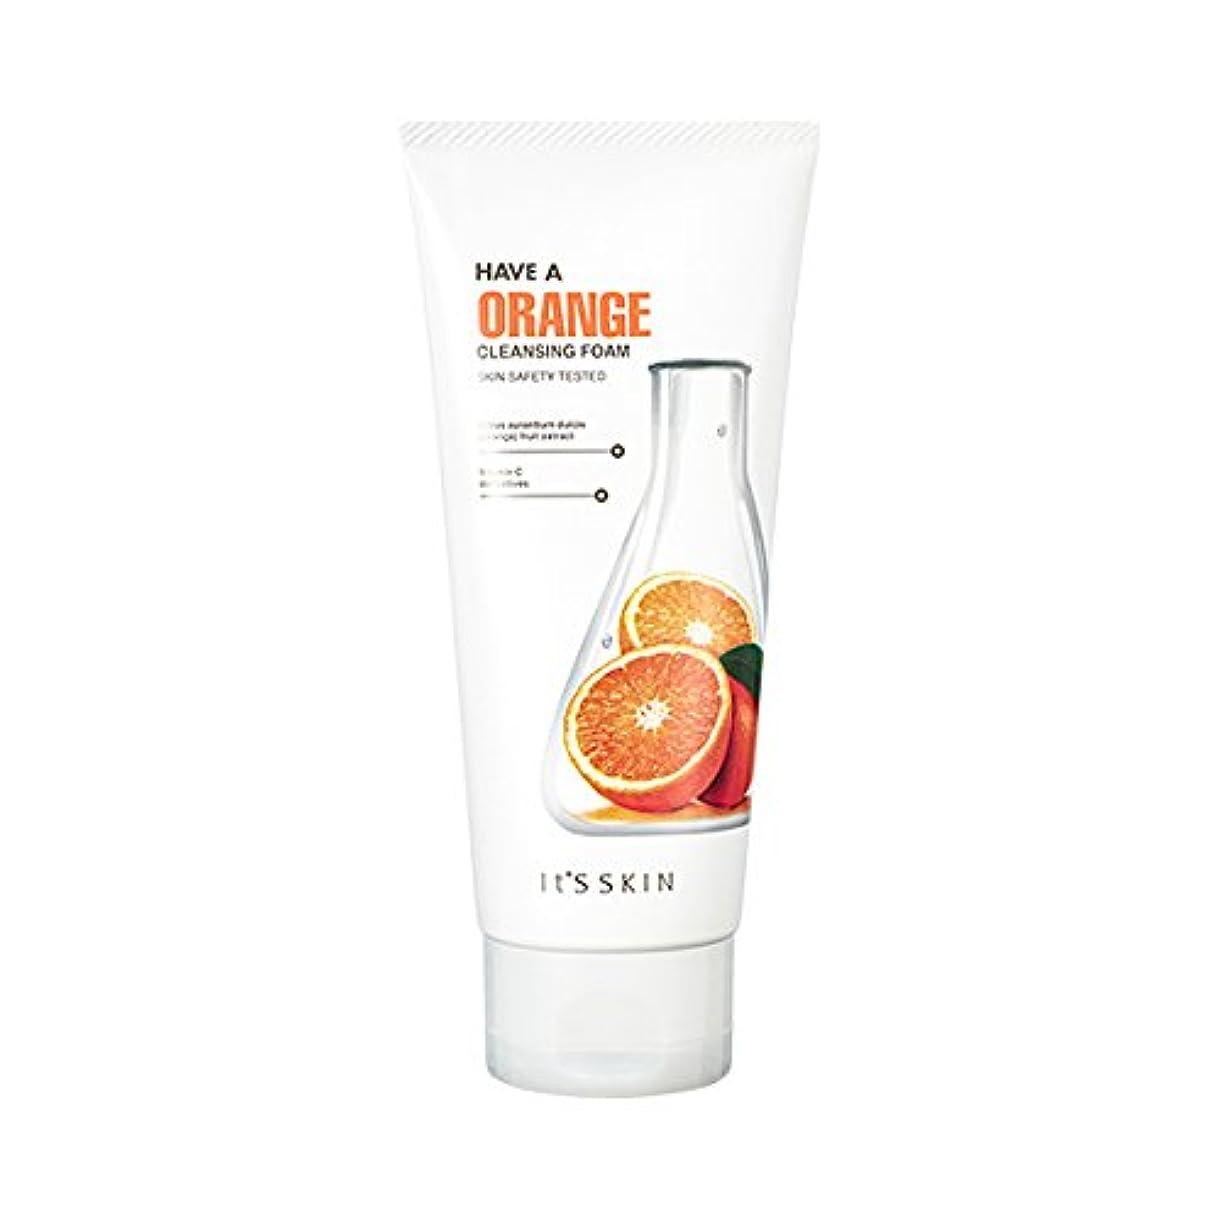 ベックス蓄積する更新Its skin Have a Orang Cleansing Foam/イッツスキン ハブア オレンジクレンジングフォーム [並行輸入品]